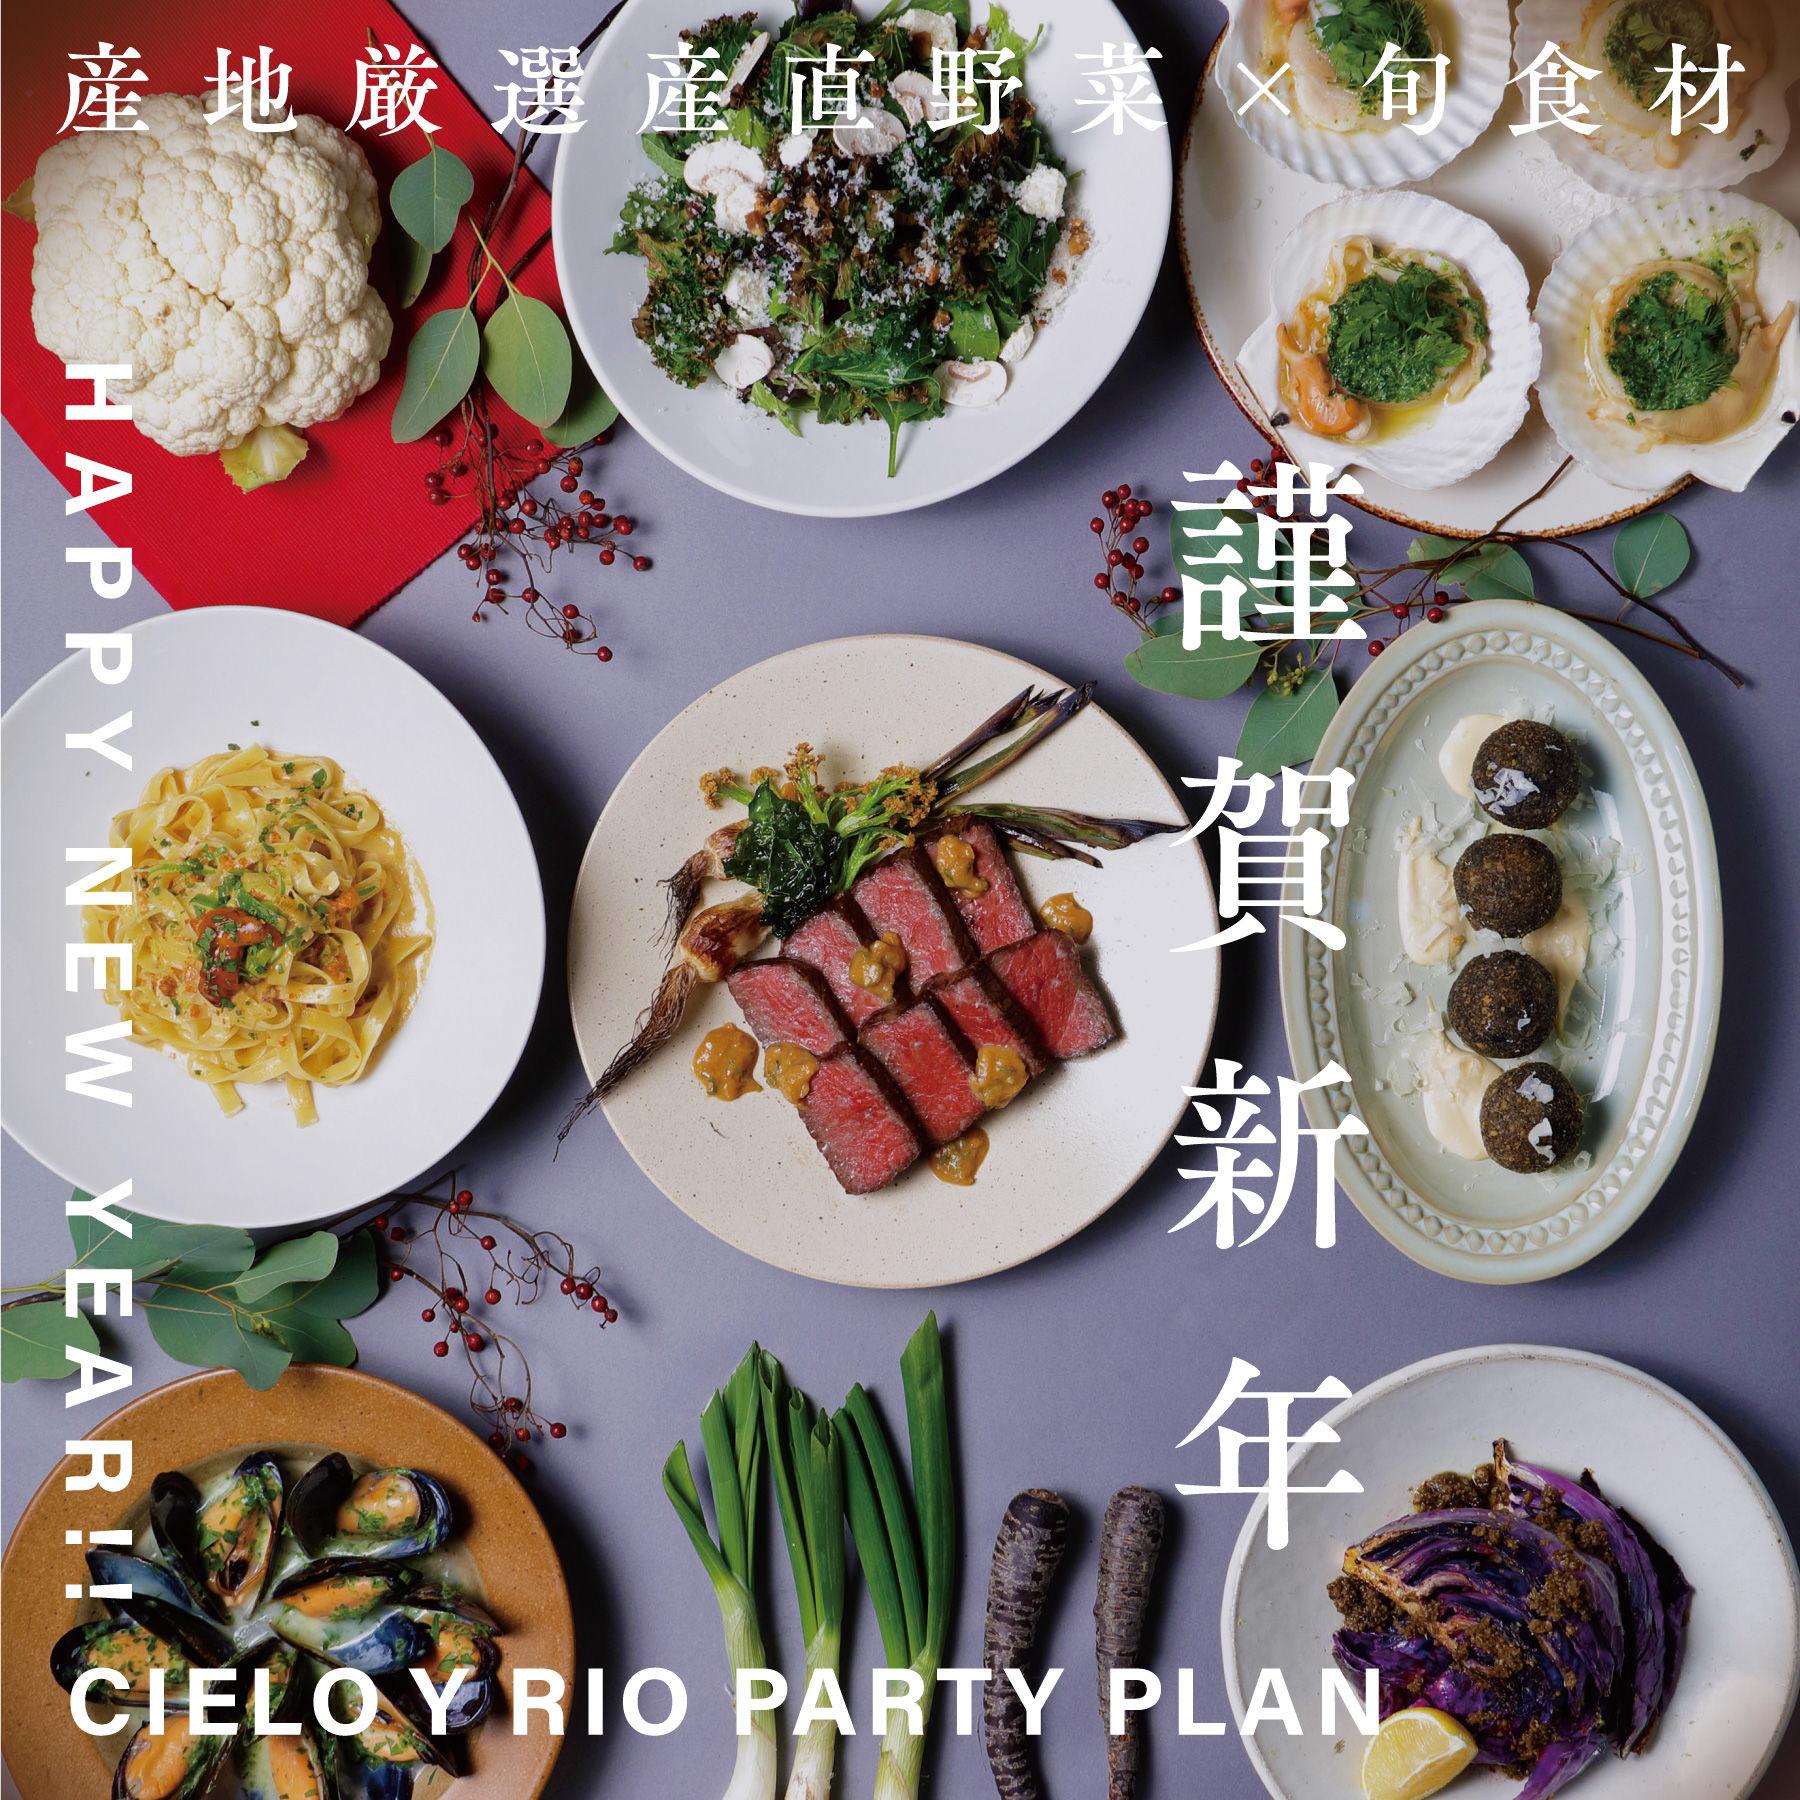 [1・2月限定]シエロ イ リオのパーティープラン